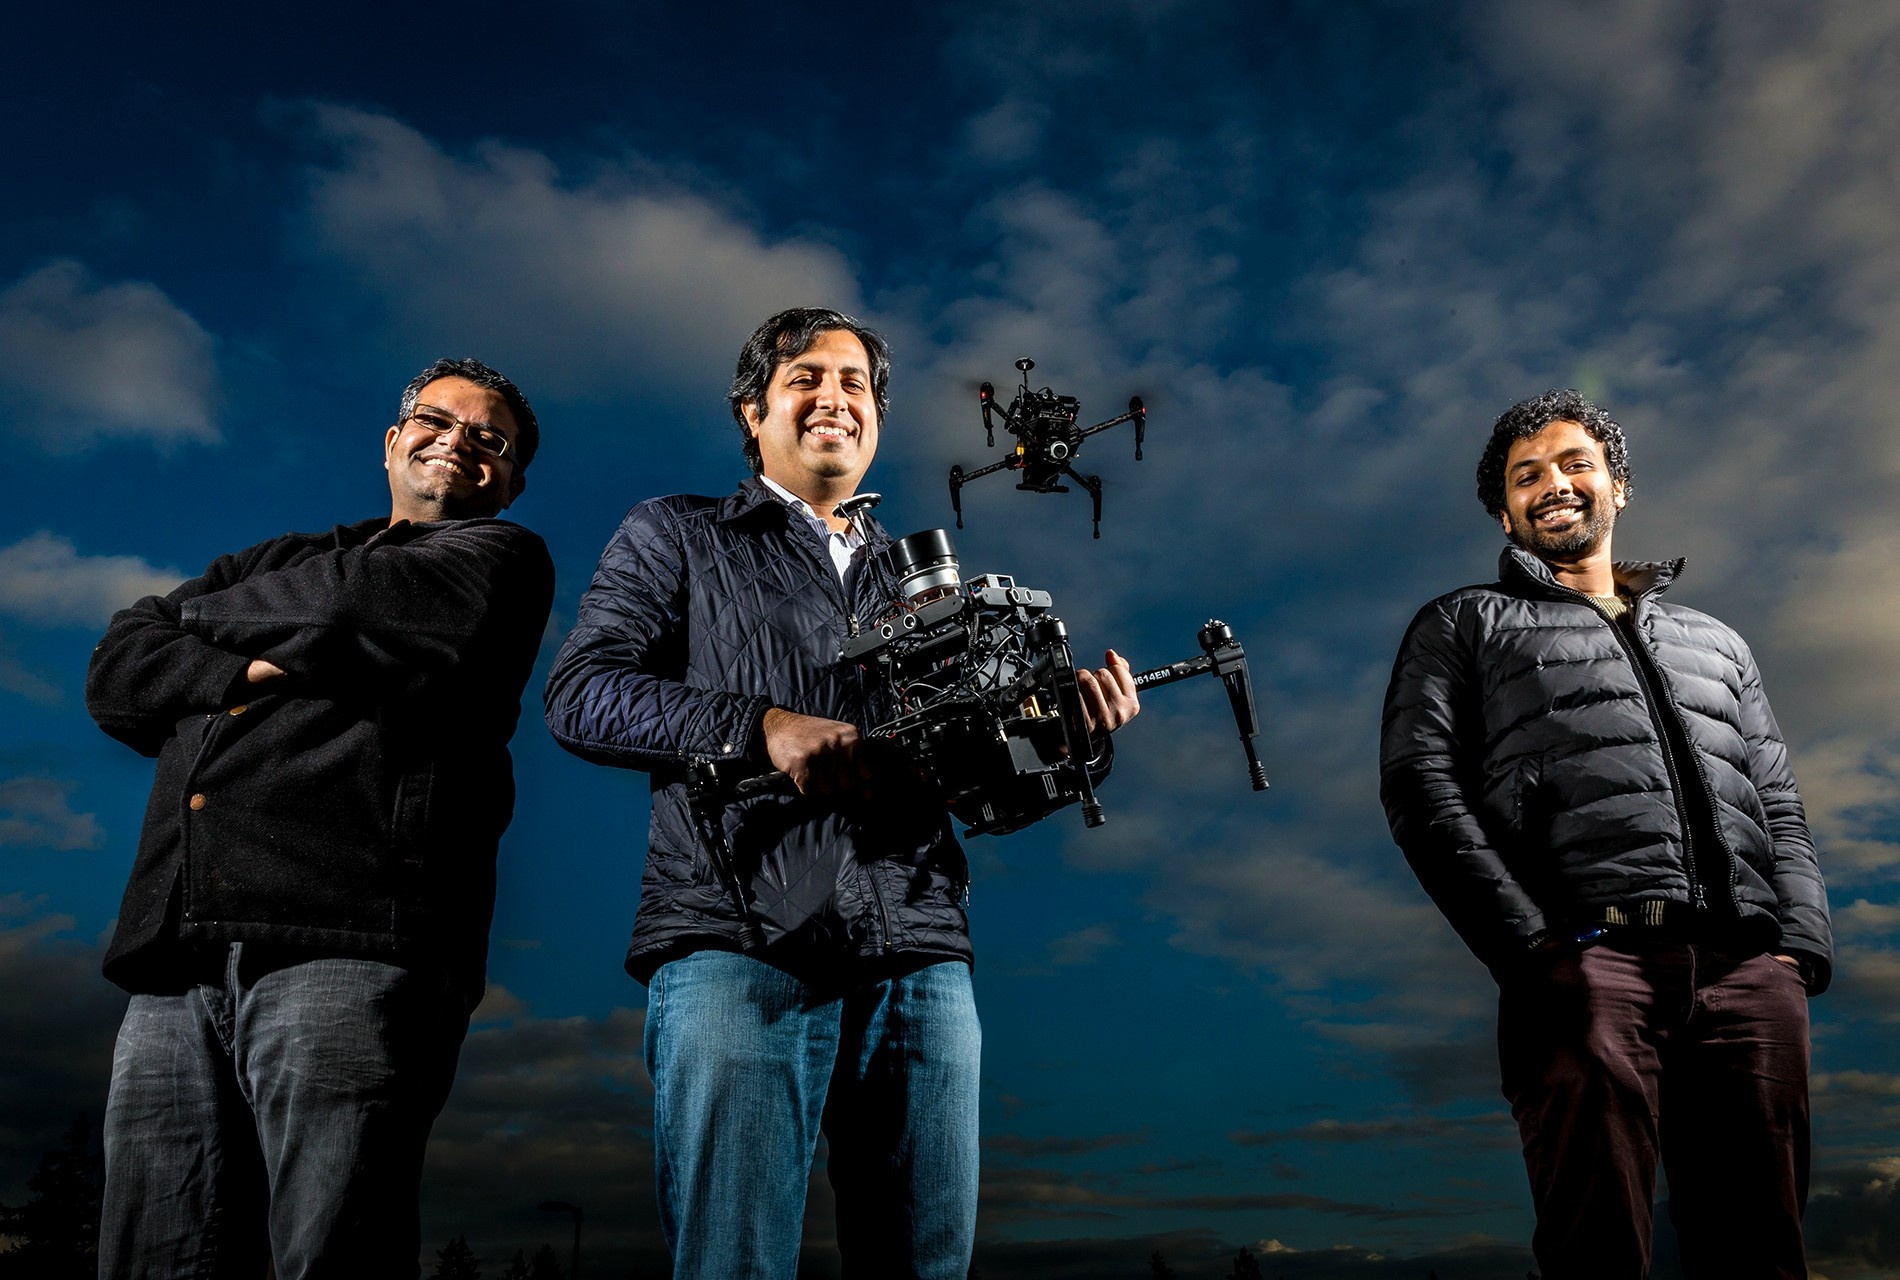 #科技尝鲜派#任意门来了!微软 AI & Research 部门最新开源了一款无人机无人驾驶训练系统